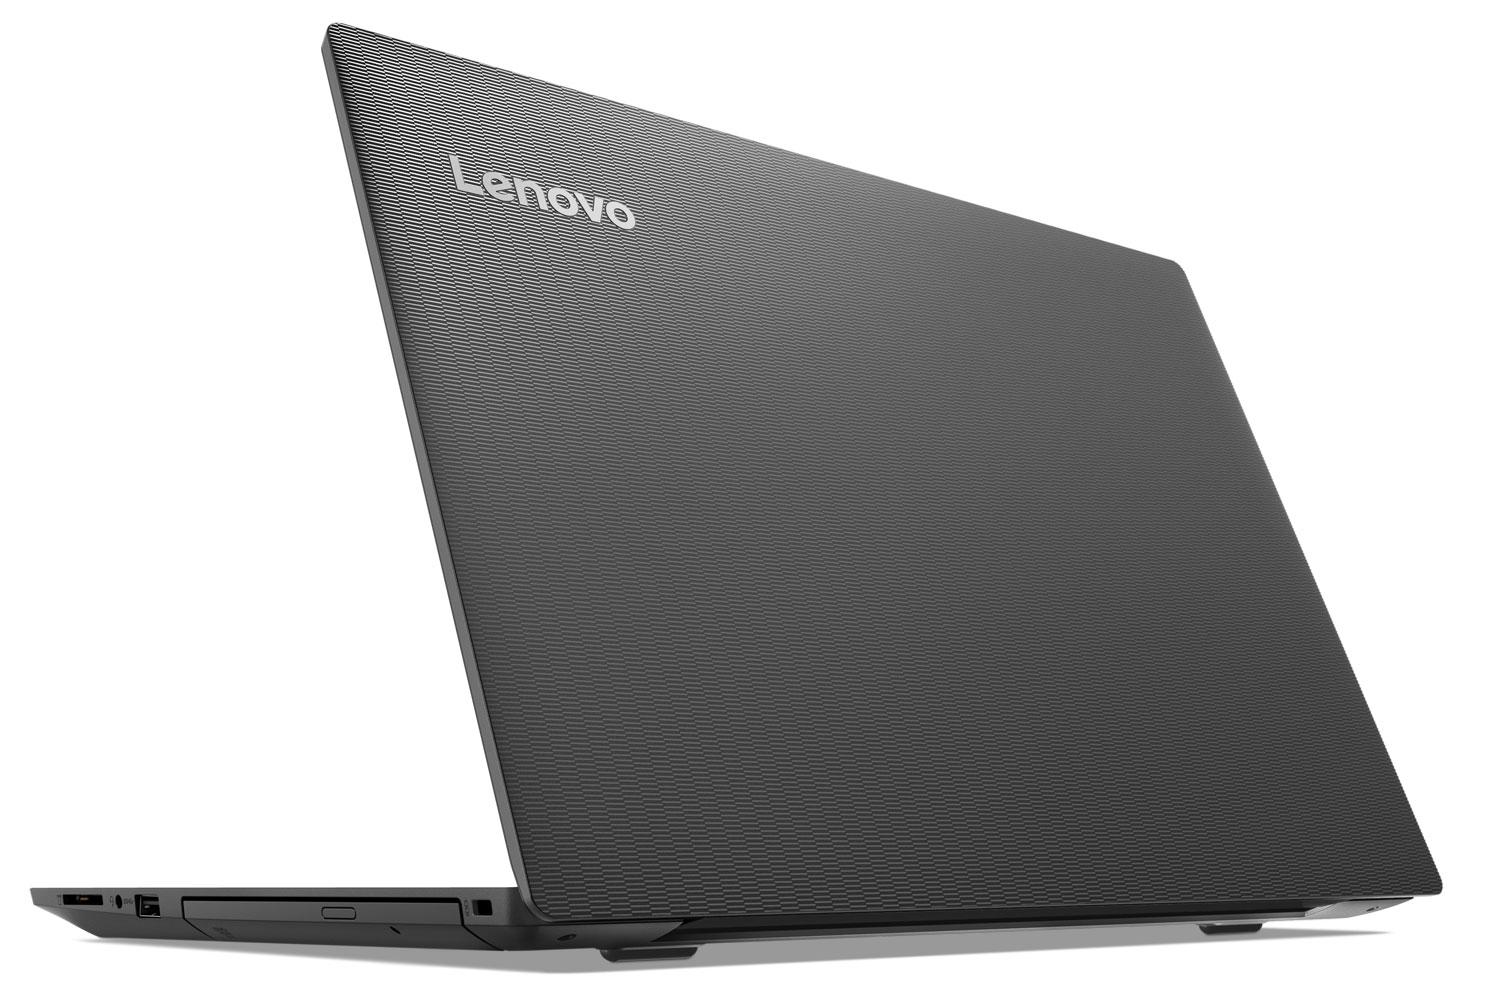 Noutbuk Lenovo V130-15IGM (81HL004FAK)  - 3